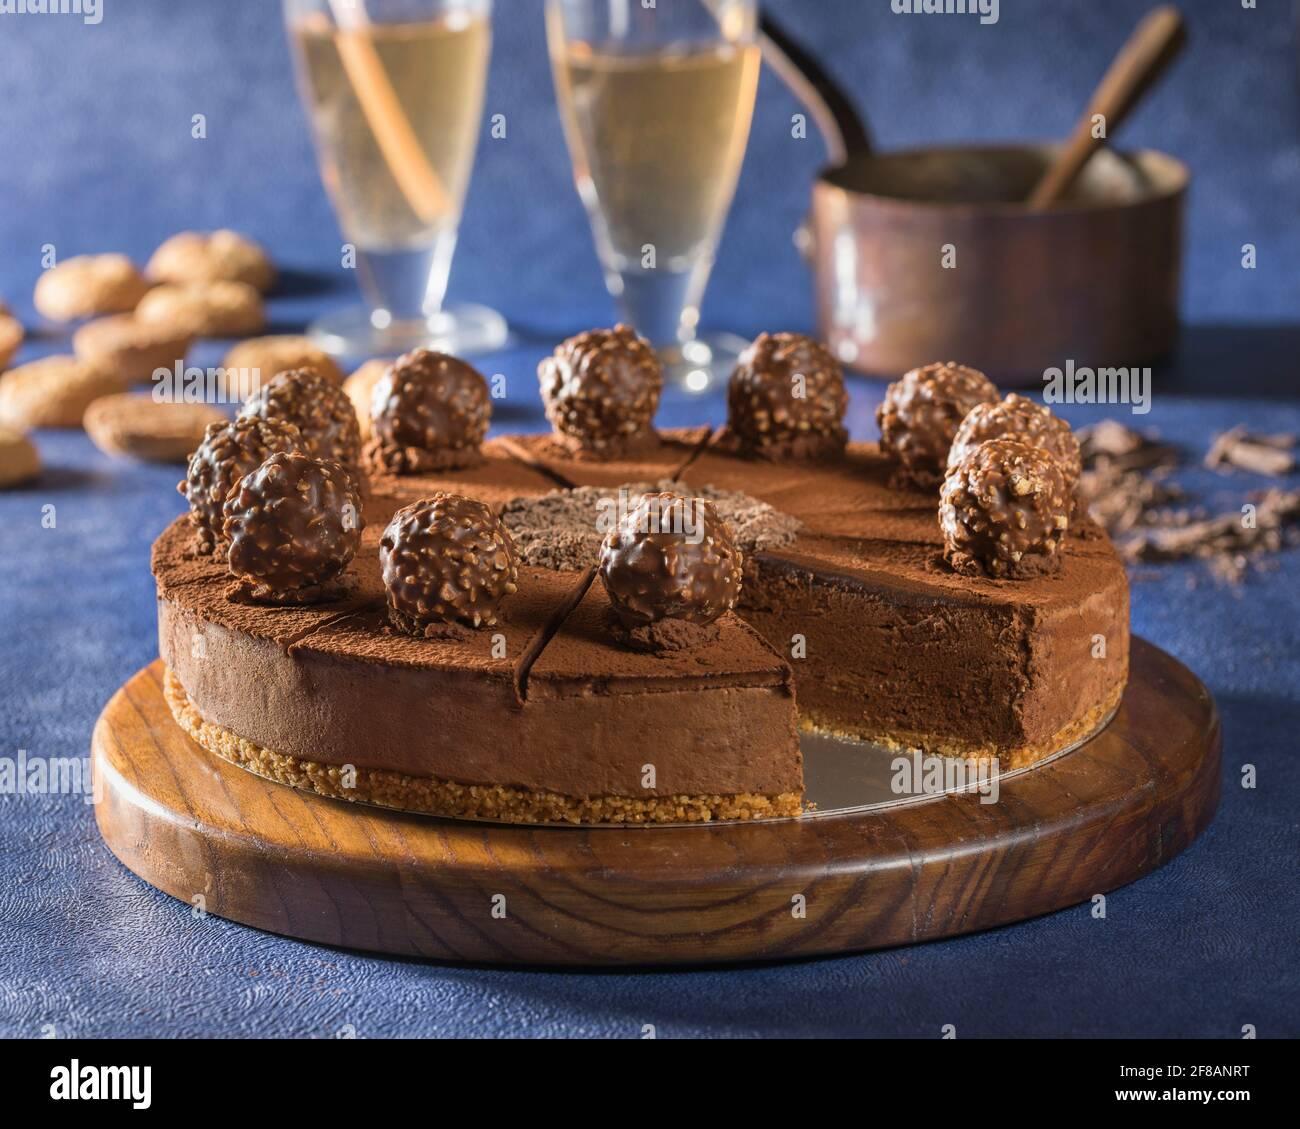 Chocolate truffle torte Stock Photo